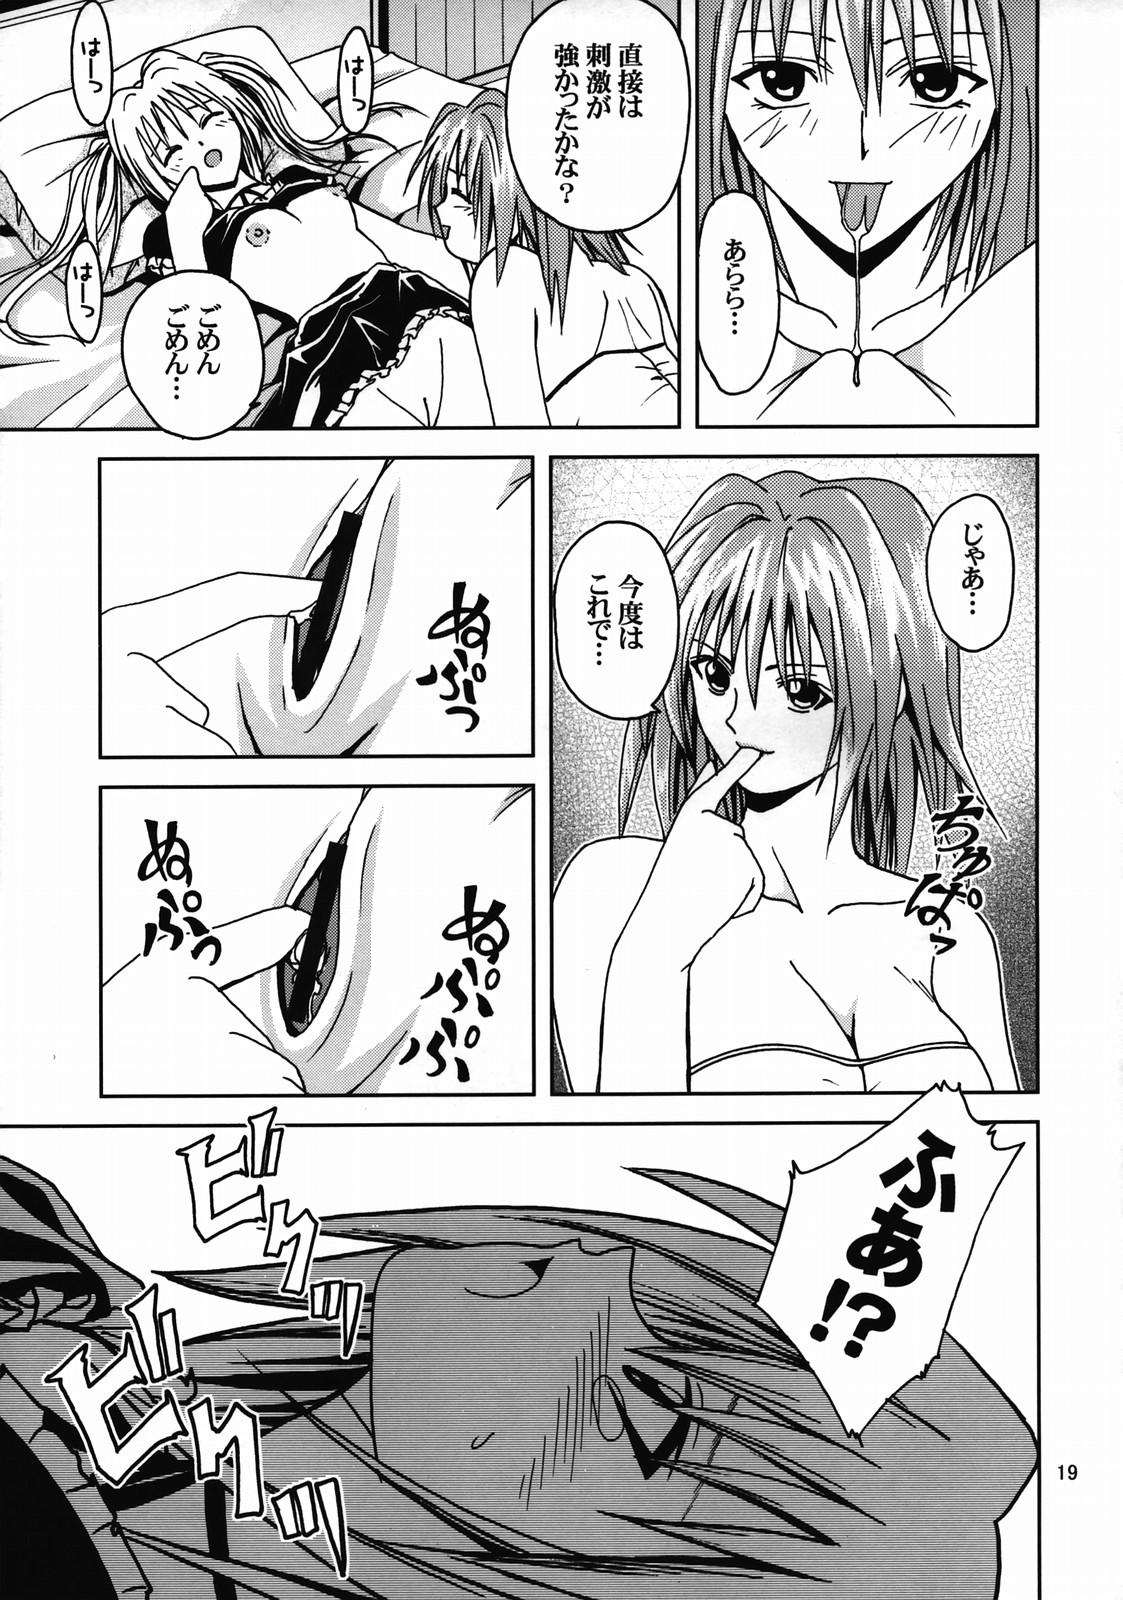 Hime no Kyuujitsu 17